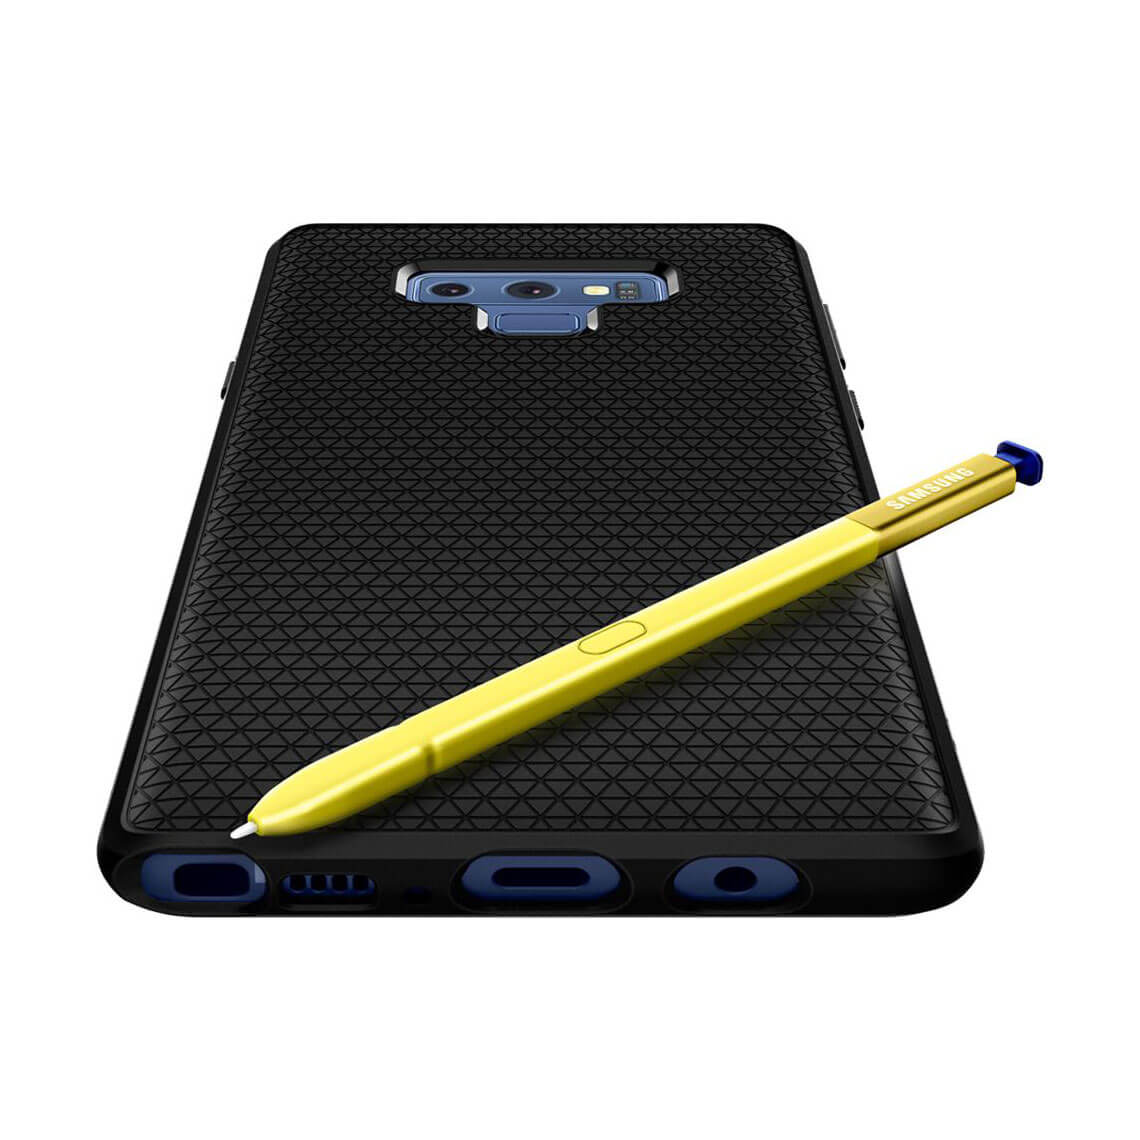 کاور اسپیگن Liquid Air سامسونگ Galaxy Note 9